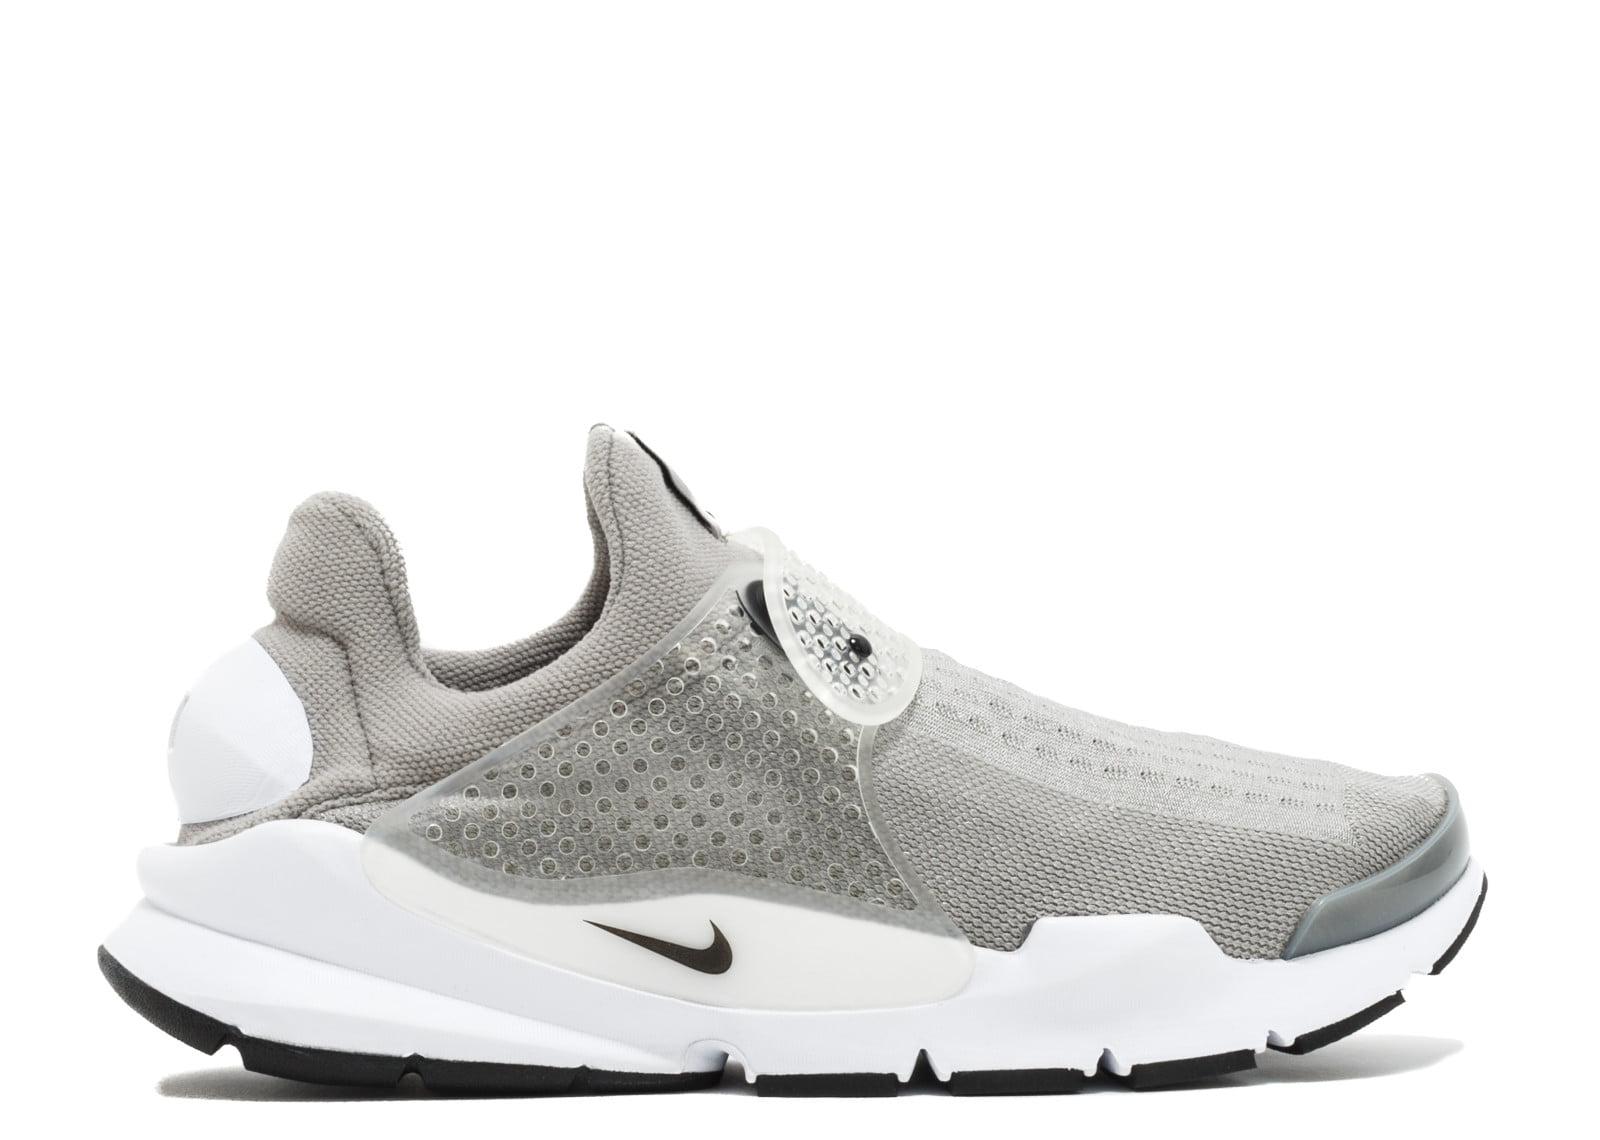 separation shoes e3dd5 7a5b4 Nike Men's Sock Dart Running Shoe